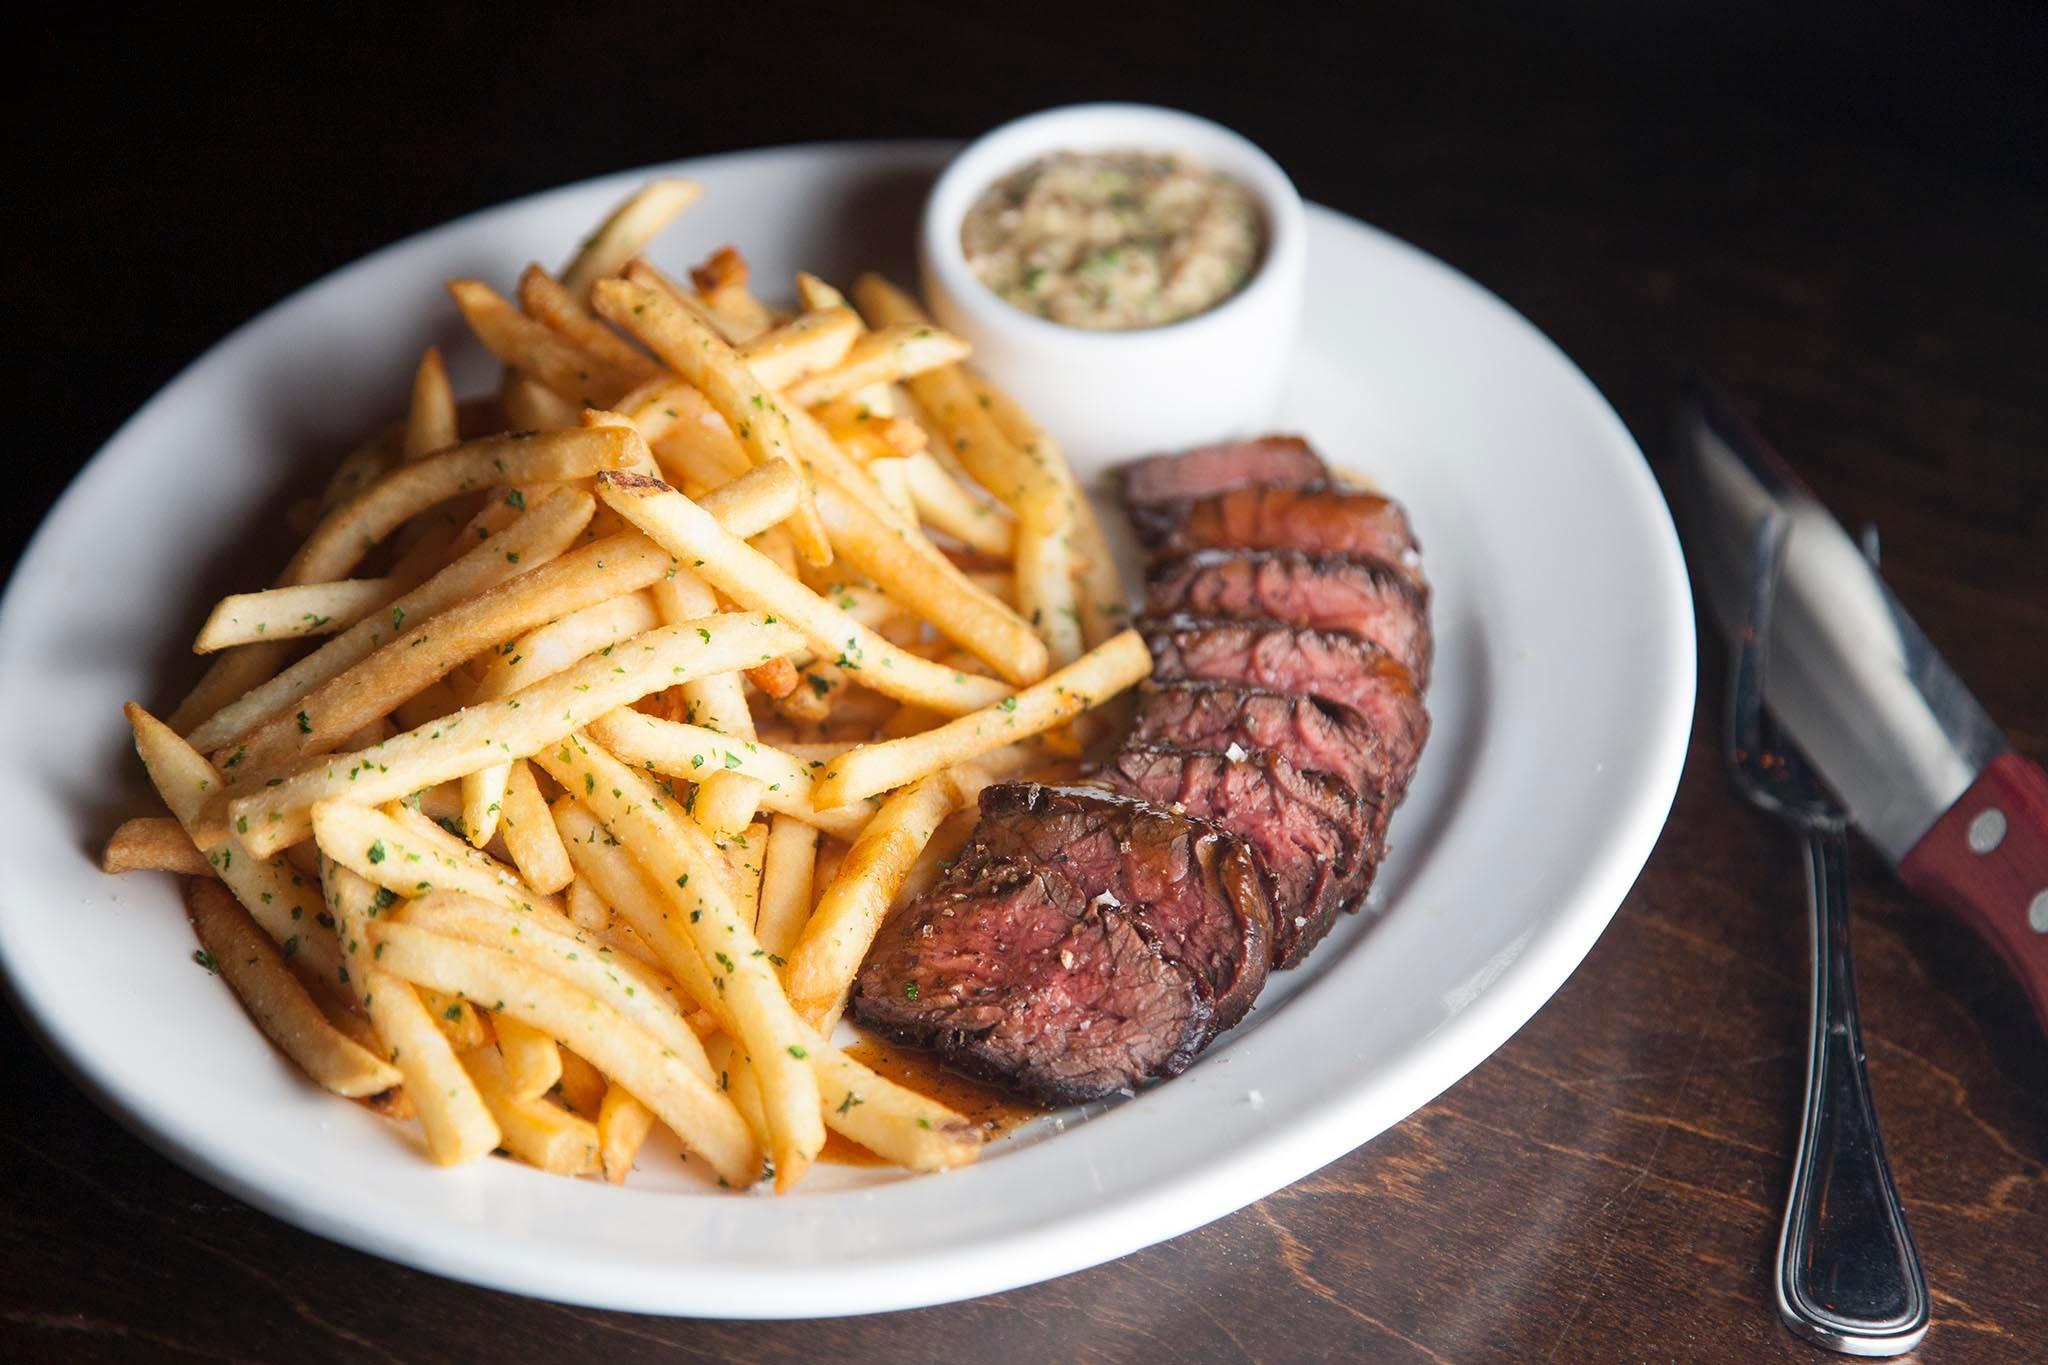 The best steak frites in LA